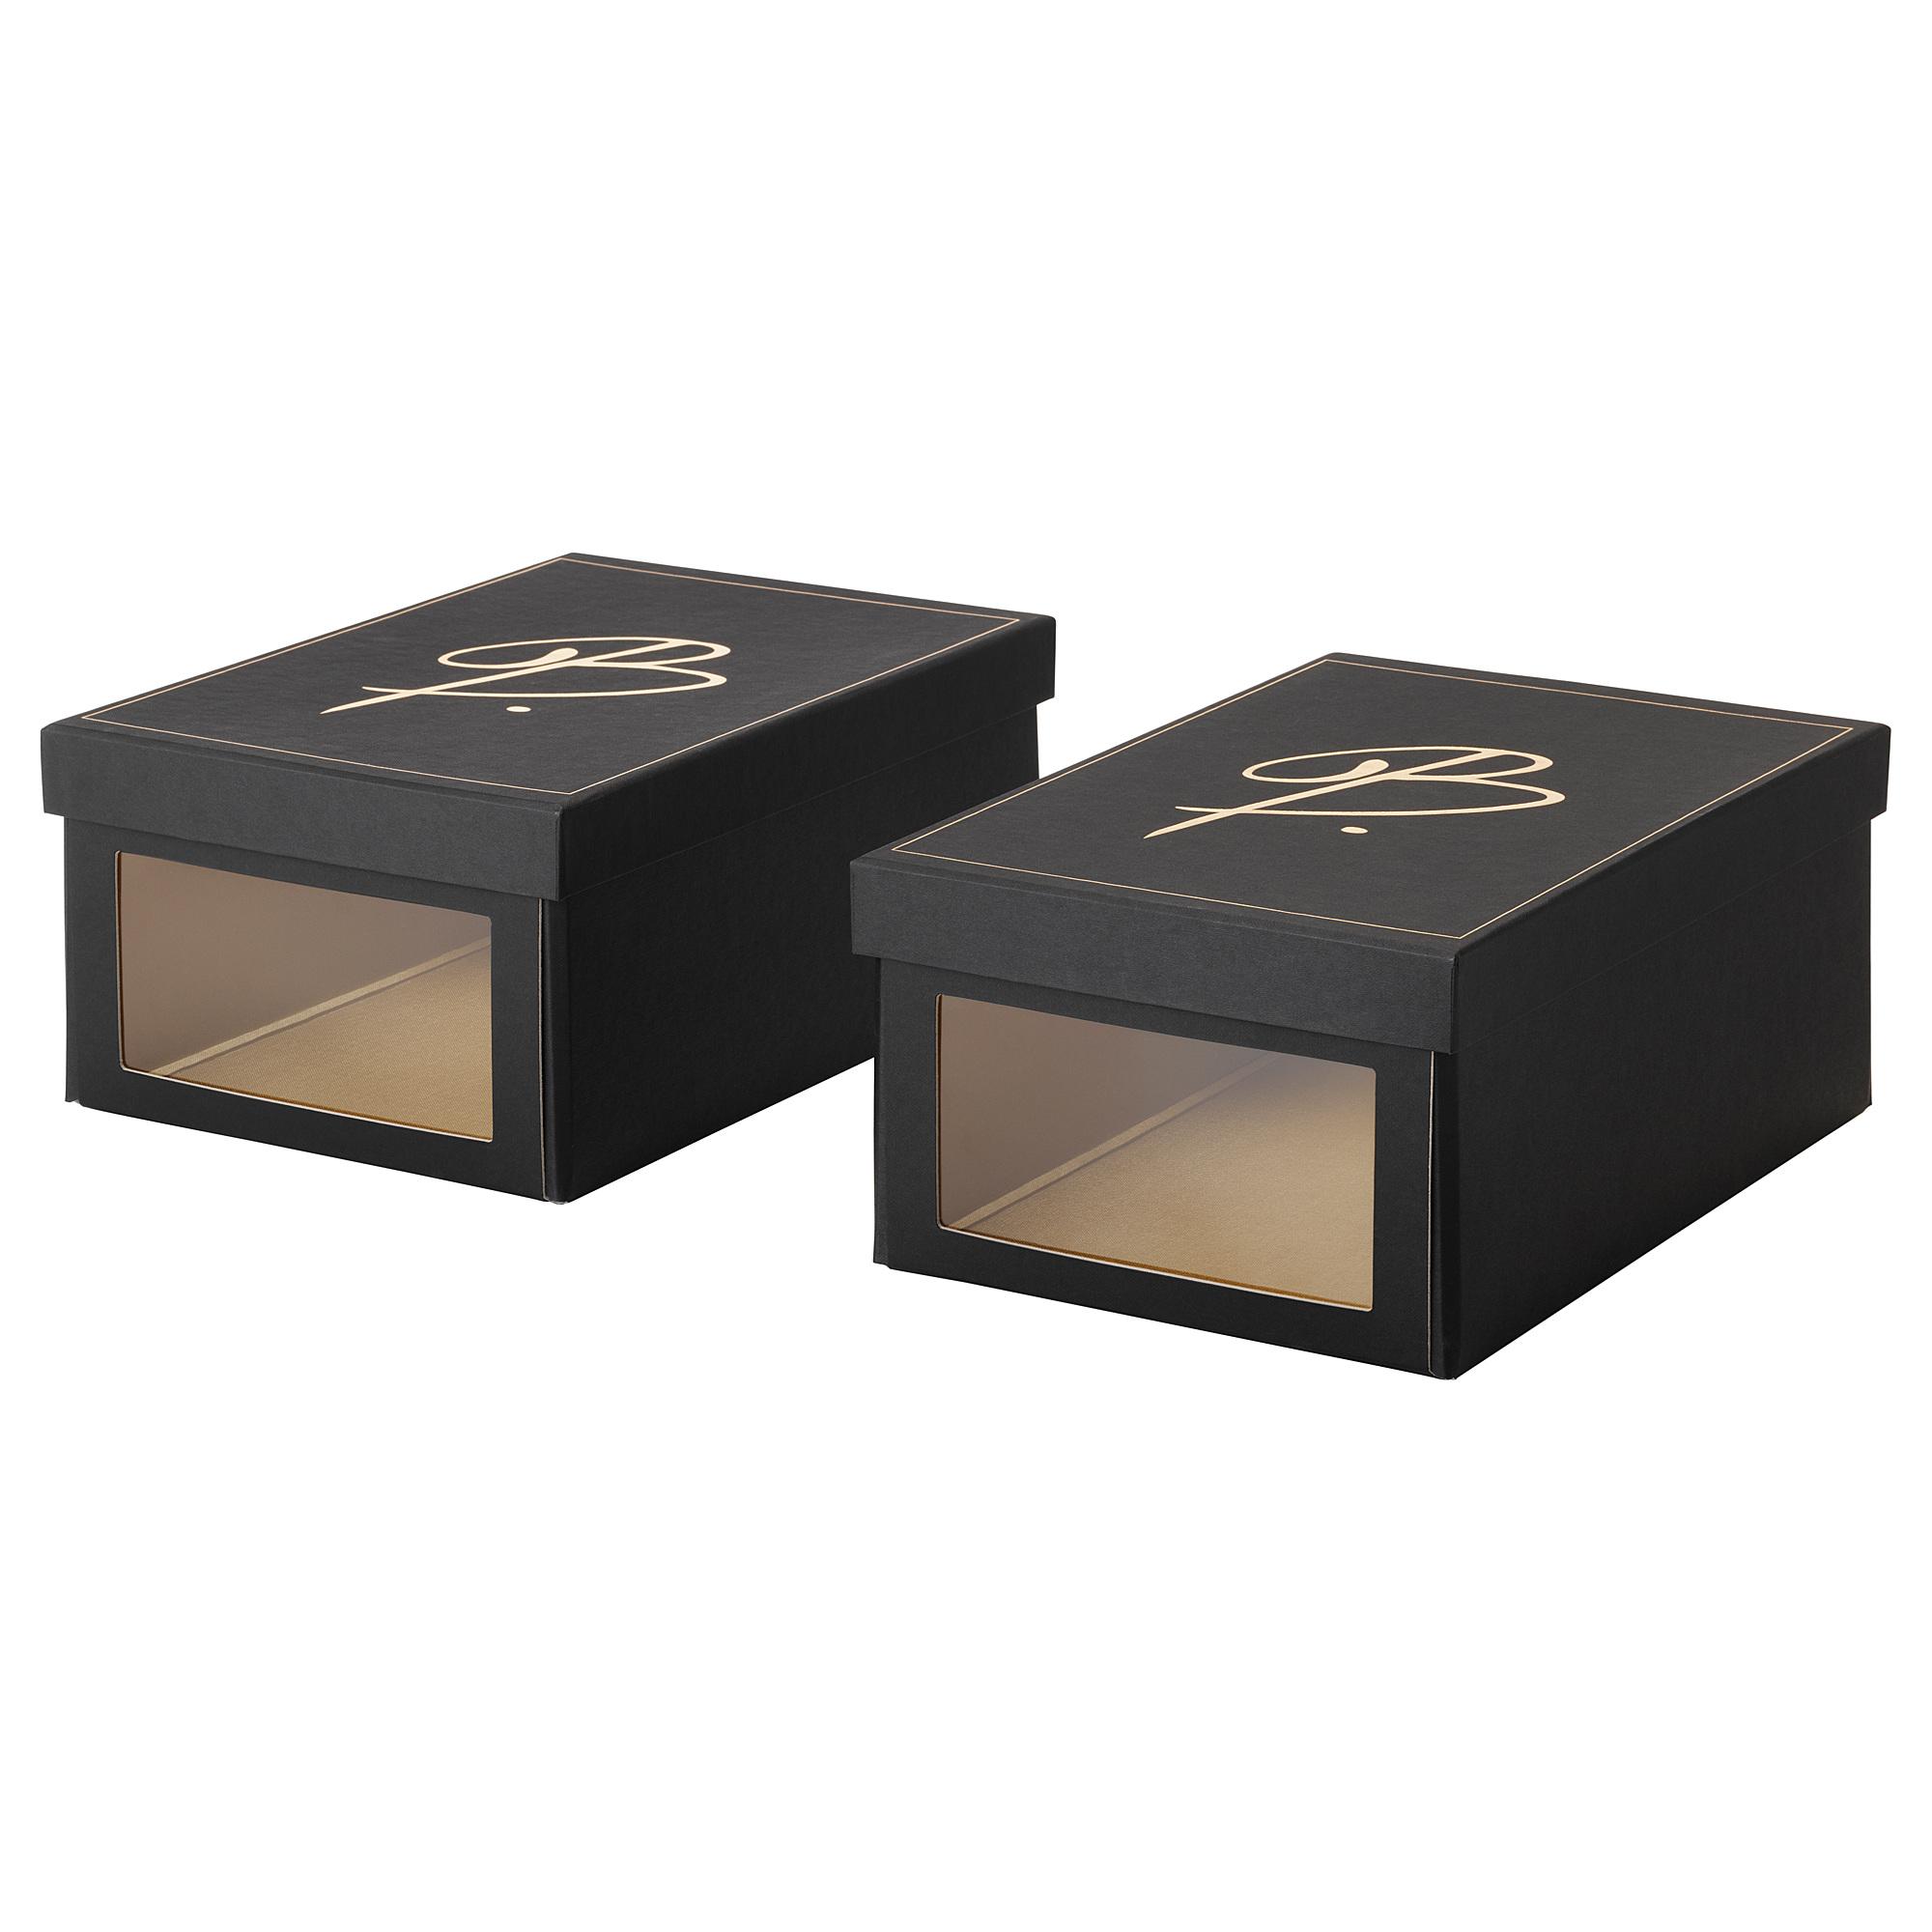 Коробка для обуви ОМЕДЕЛЬБАР черный артикуль № 604.001.18 в наличии. Онлайн сайт ИКЕА Республика Беларусь. Недорогая доставка и установка.